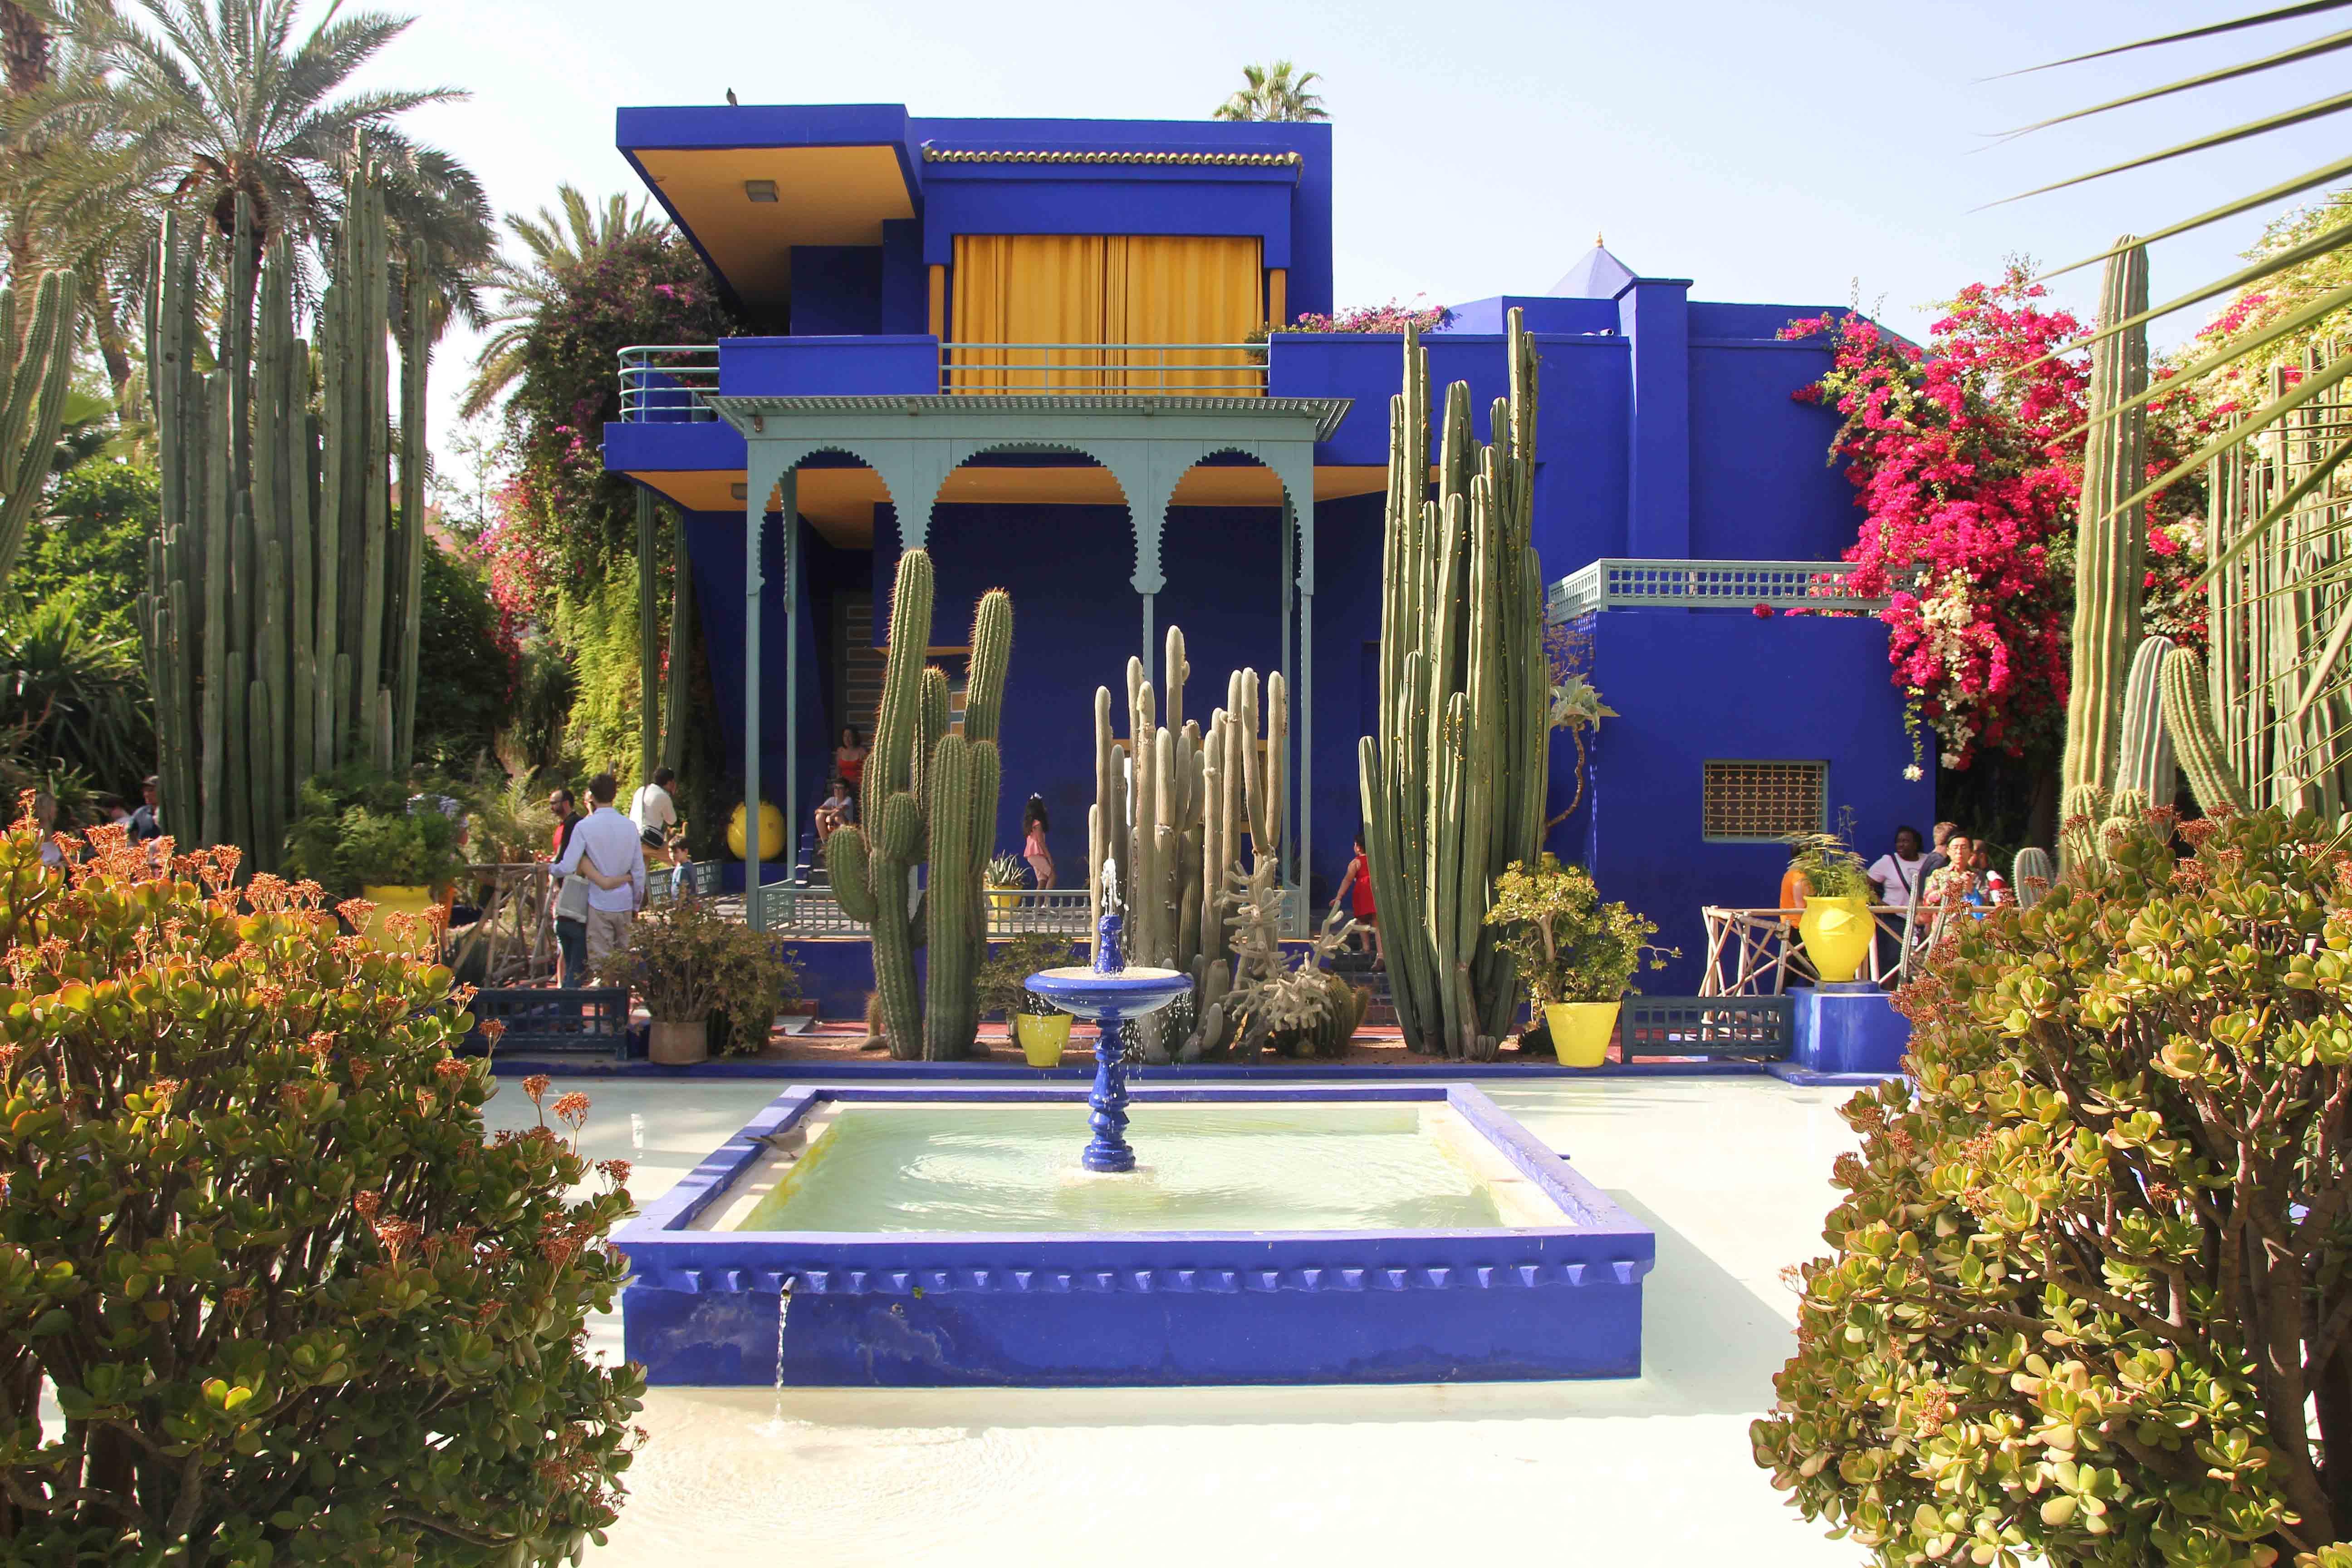 jardin majorelle marrakech itinerary morocco sightseeing - Jardin Marrakech